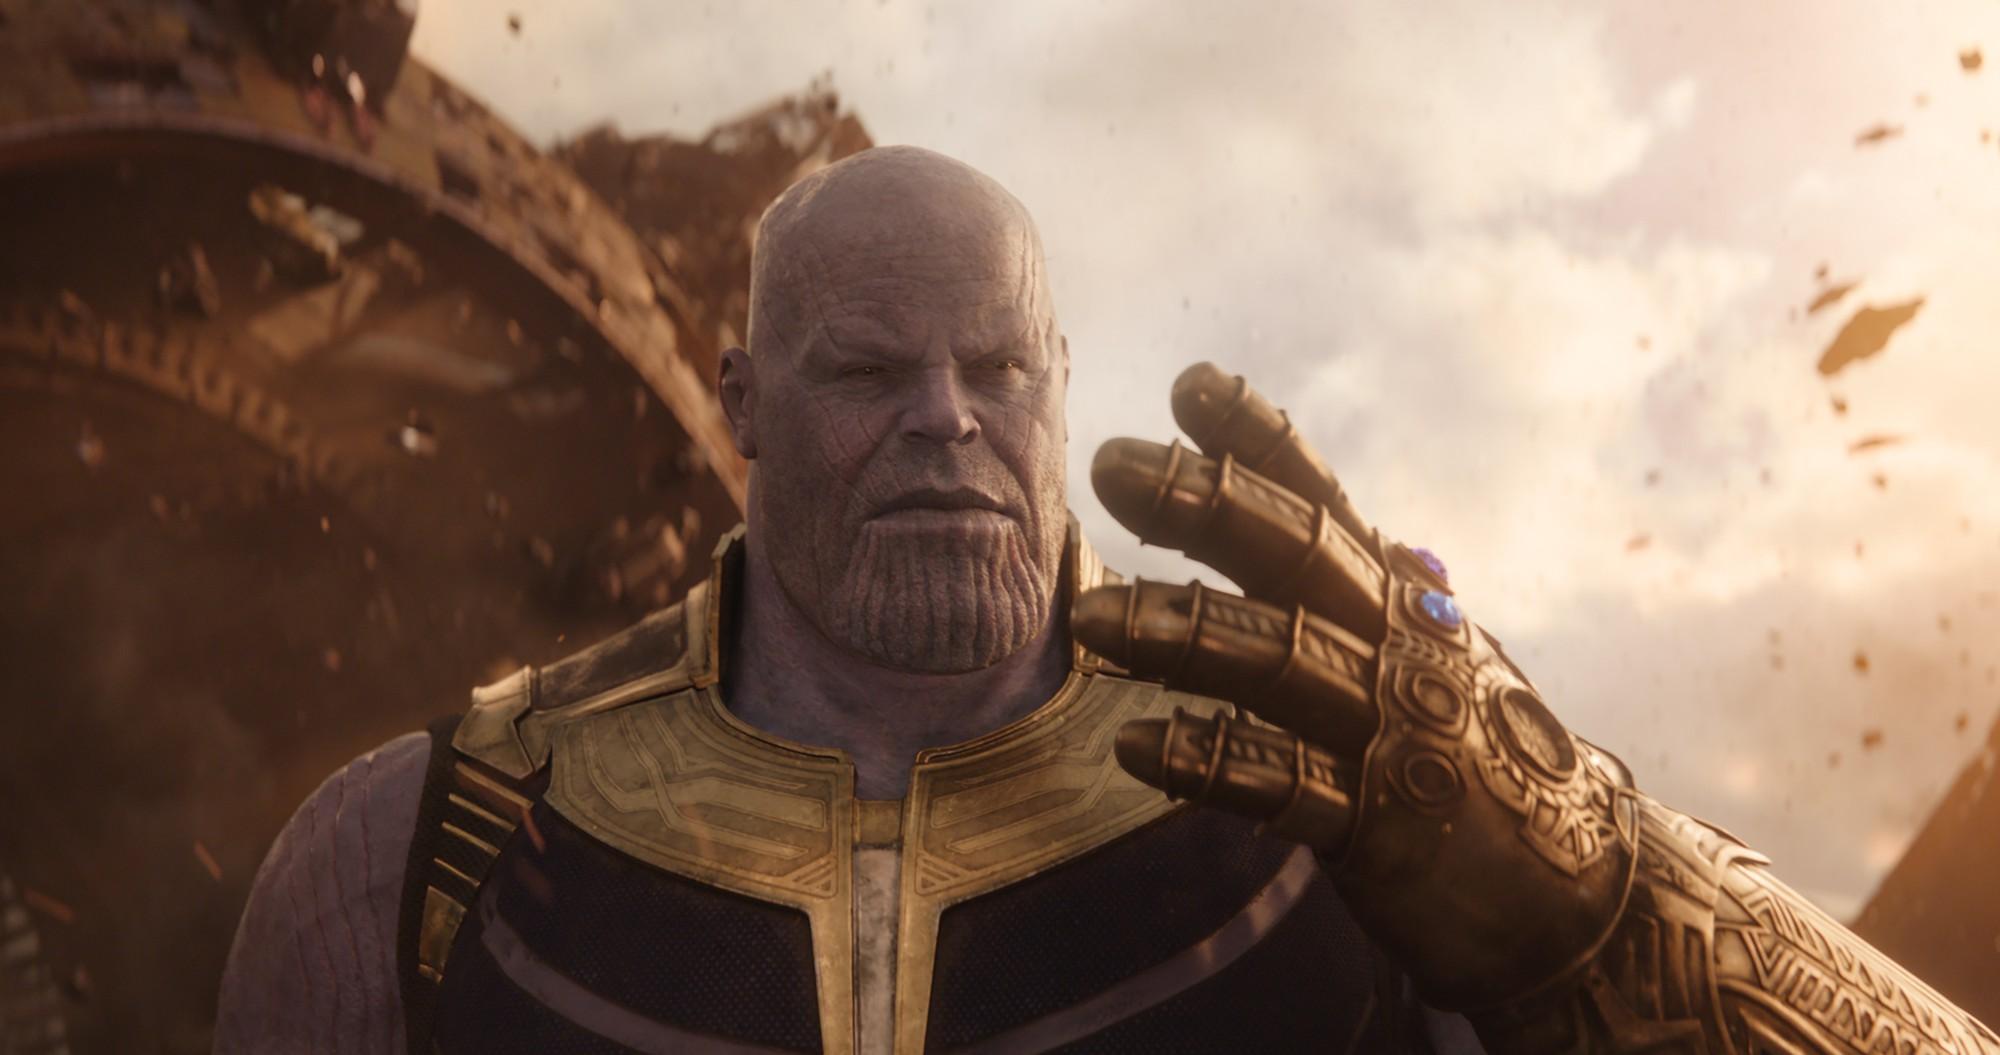 Vũ trụ có thực sự nên biết ơn Thanos về kế hoạch dân số vĩ đại của ông ta? - Ảnh 2.